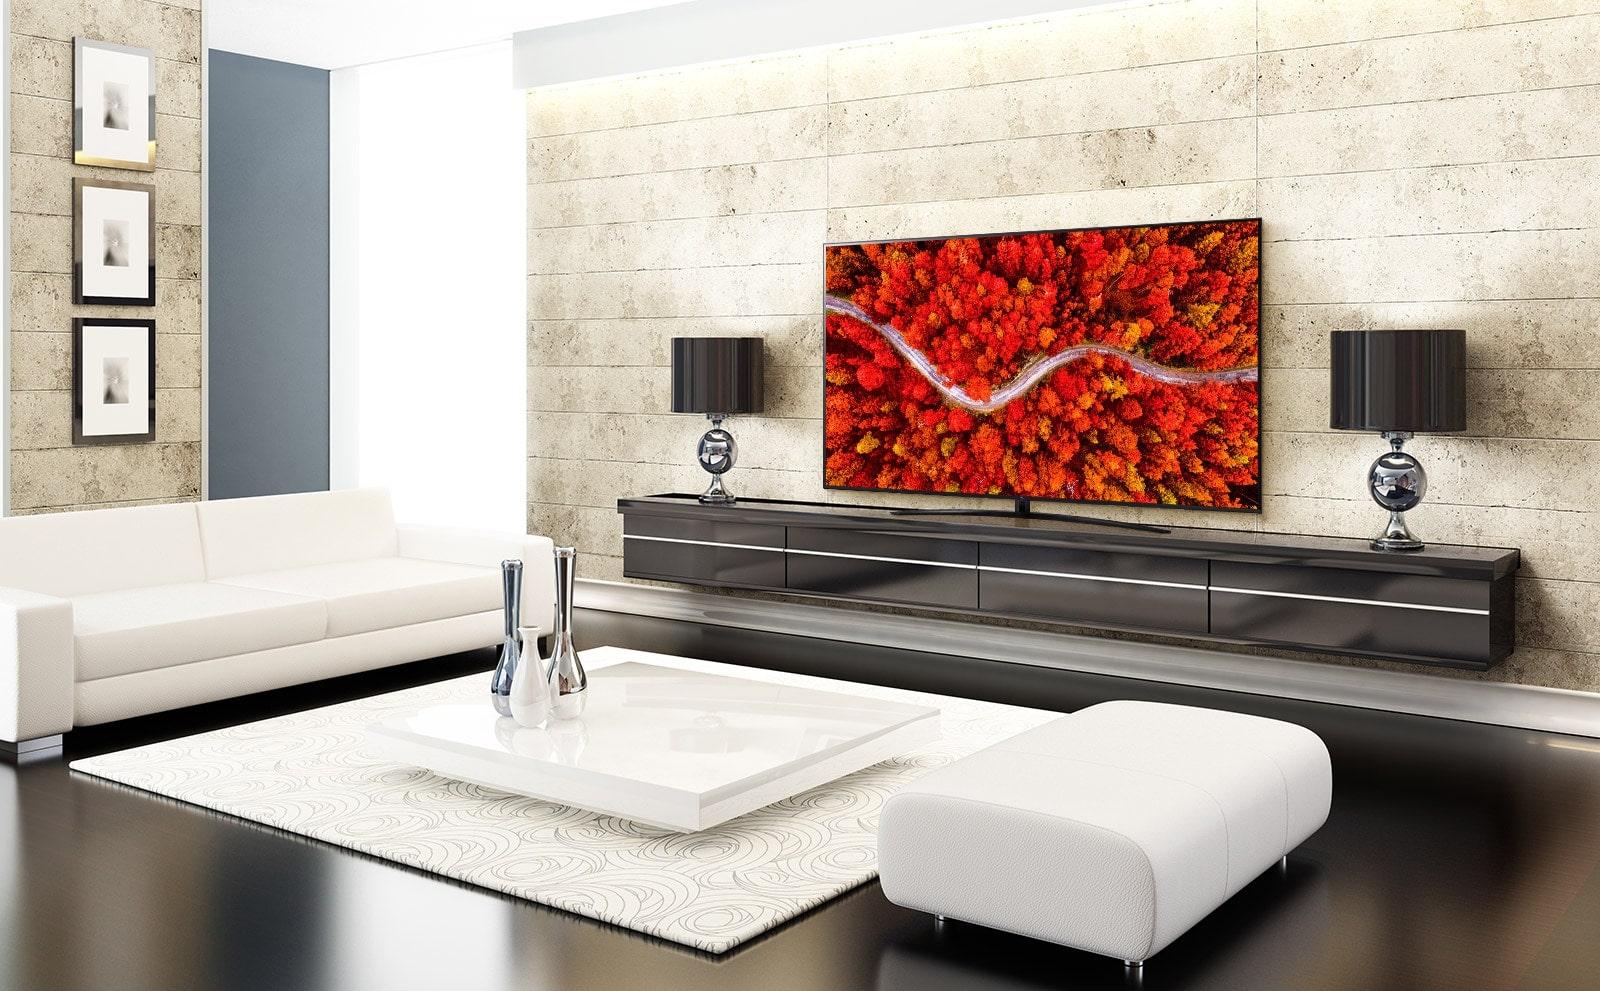 غرفة معيشة فاخرة مع تلفاز يعرض منظراً جوياً للغابات باللون الأحمر.